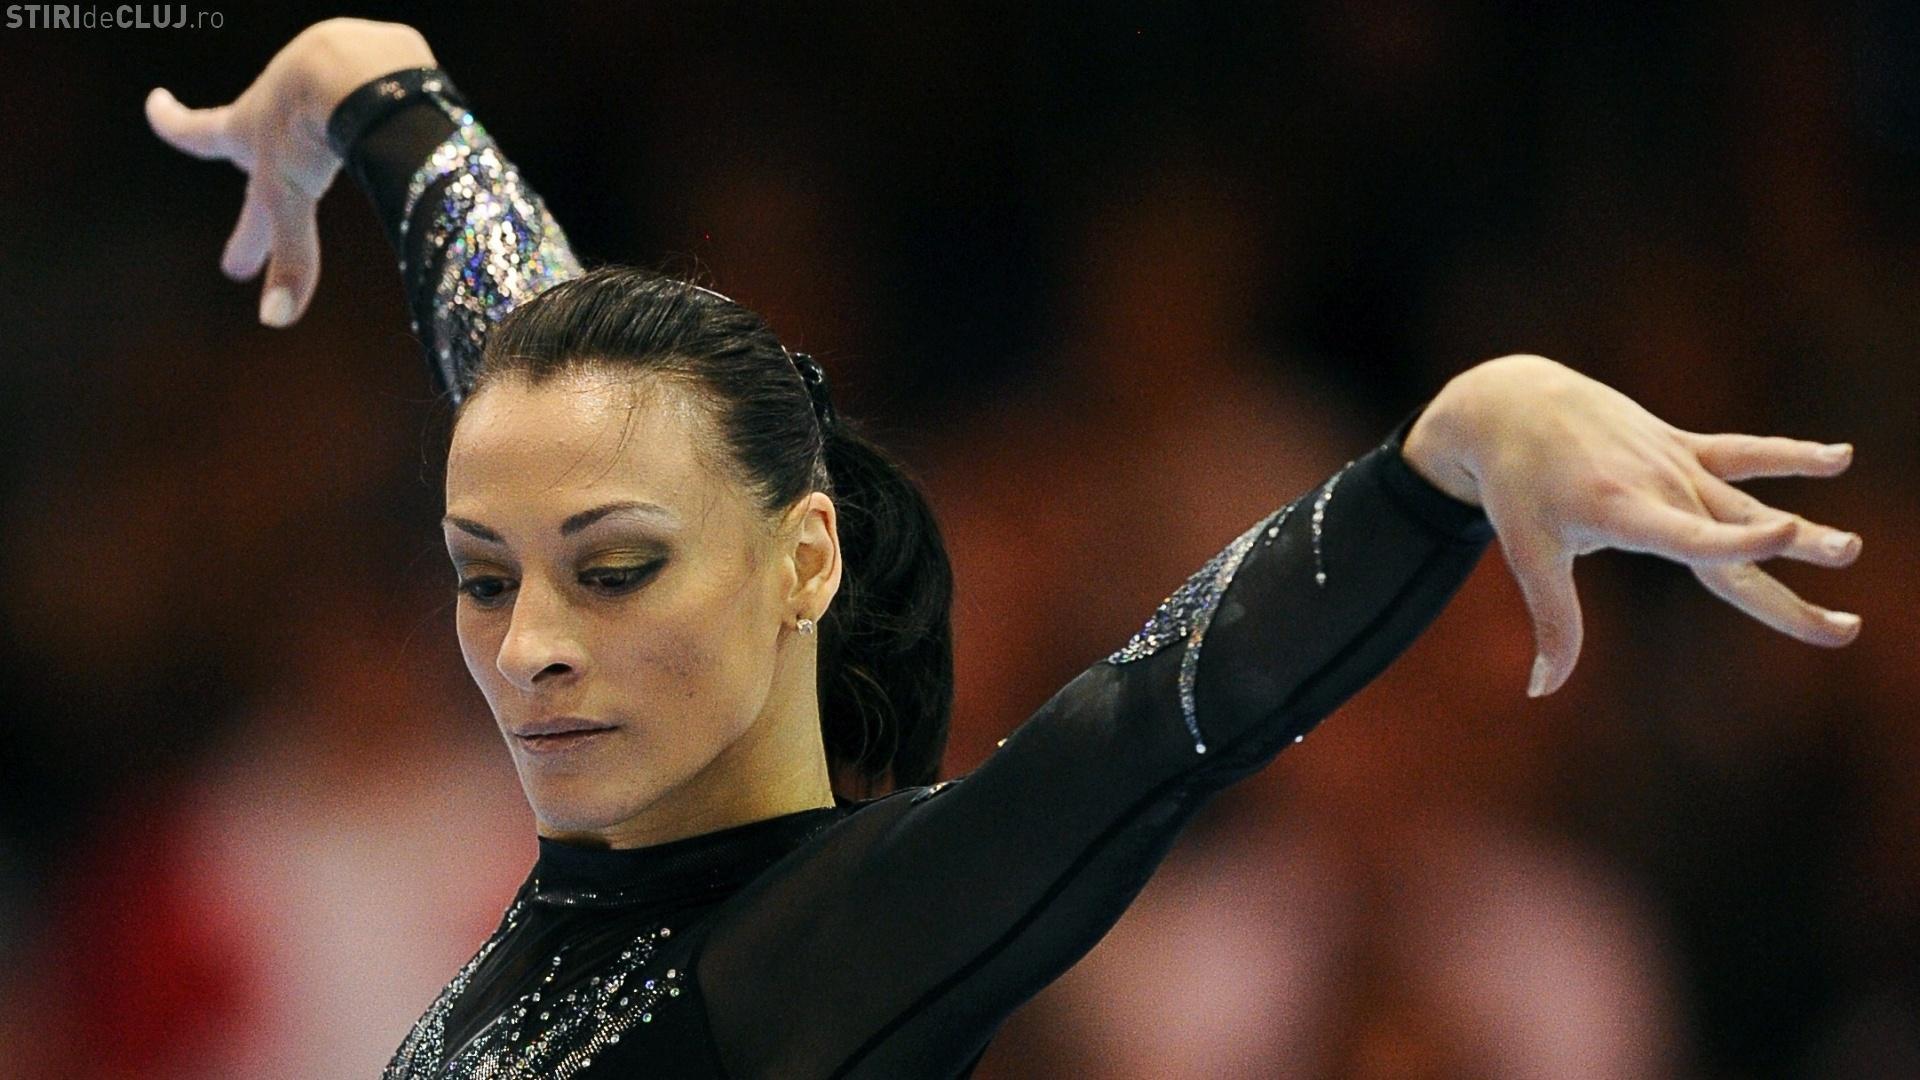 Cătălina Ponor a câștigat la Cluj două medalii de aur în finalele pe aparate de la Campinatele Naţionale